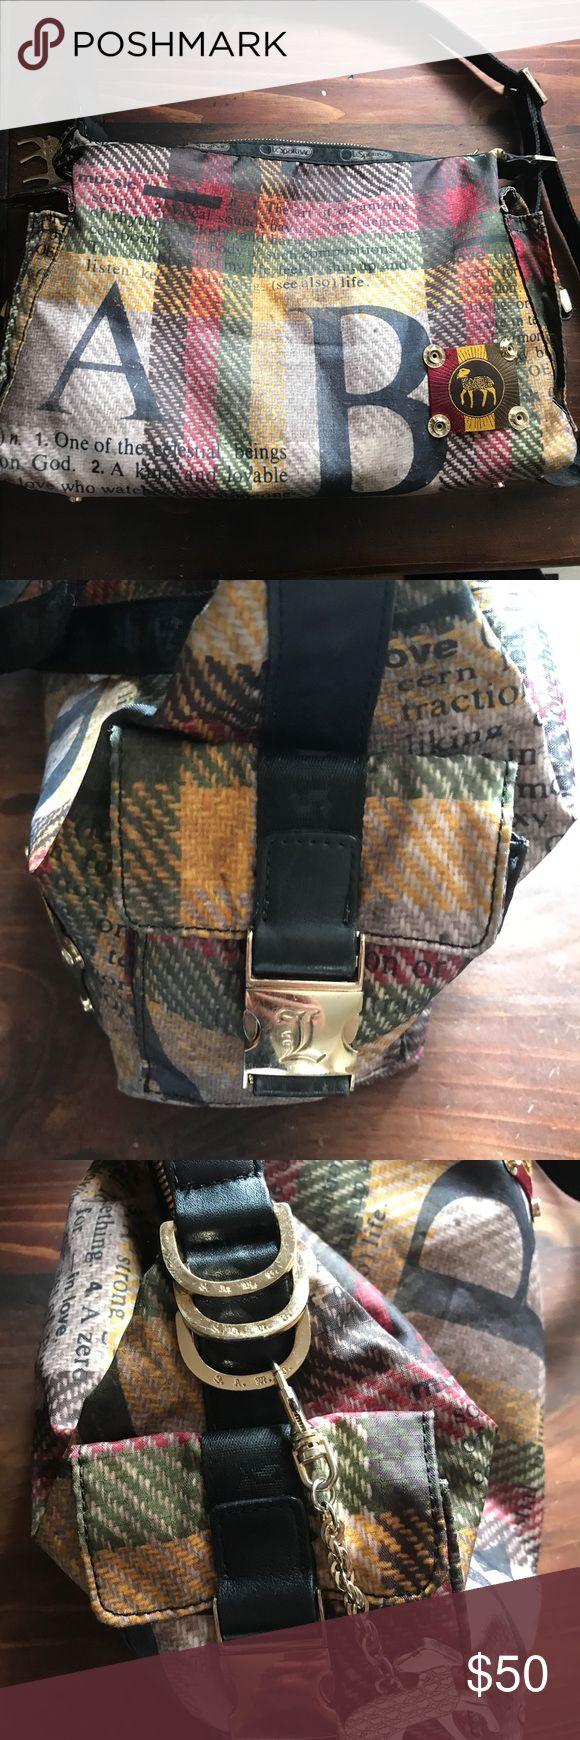 L.A.M.B lamb handbag Lesportsac lamb bag EXCELLENT condition L.A.M.B. Bags Crossbody Bags